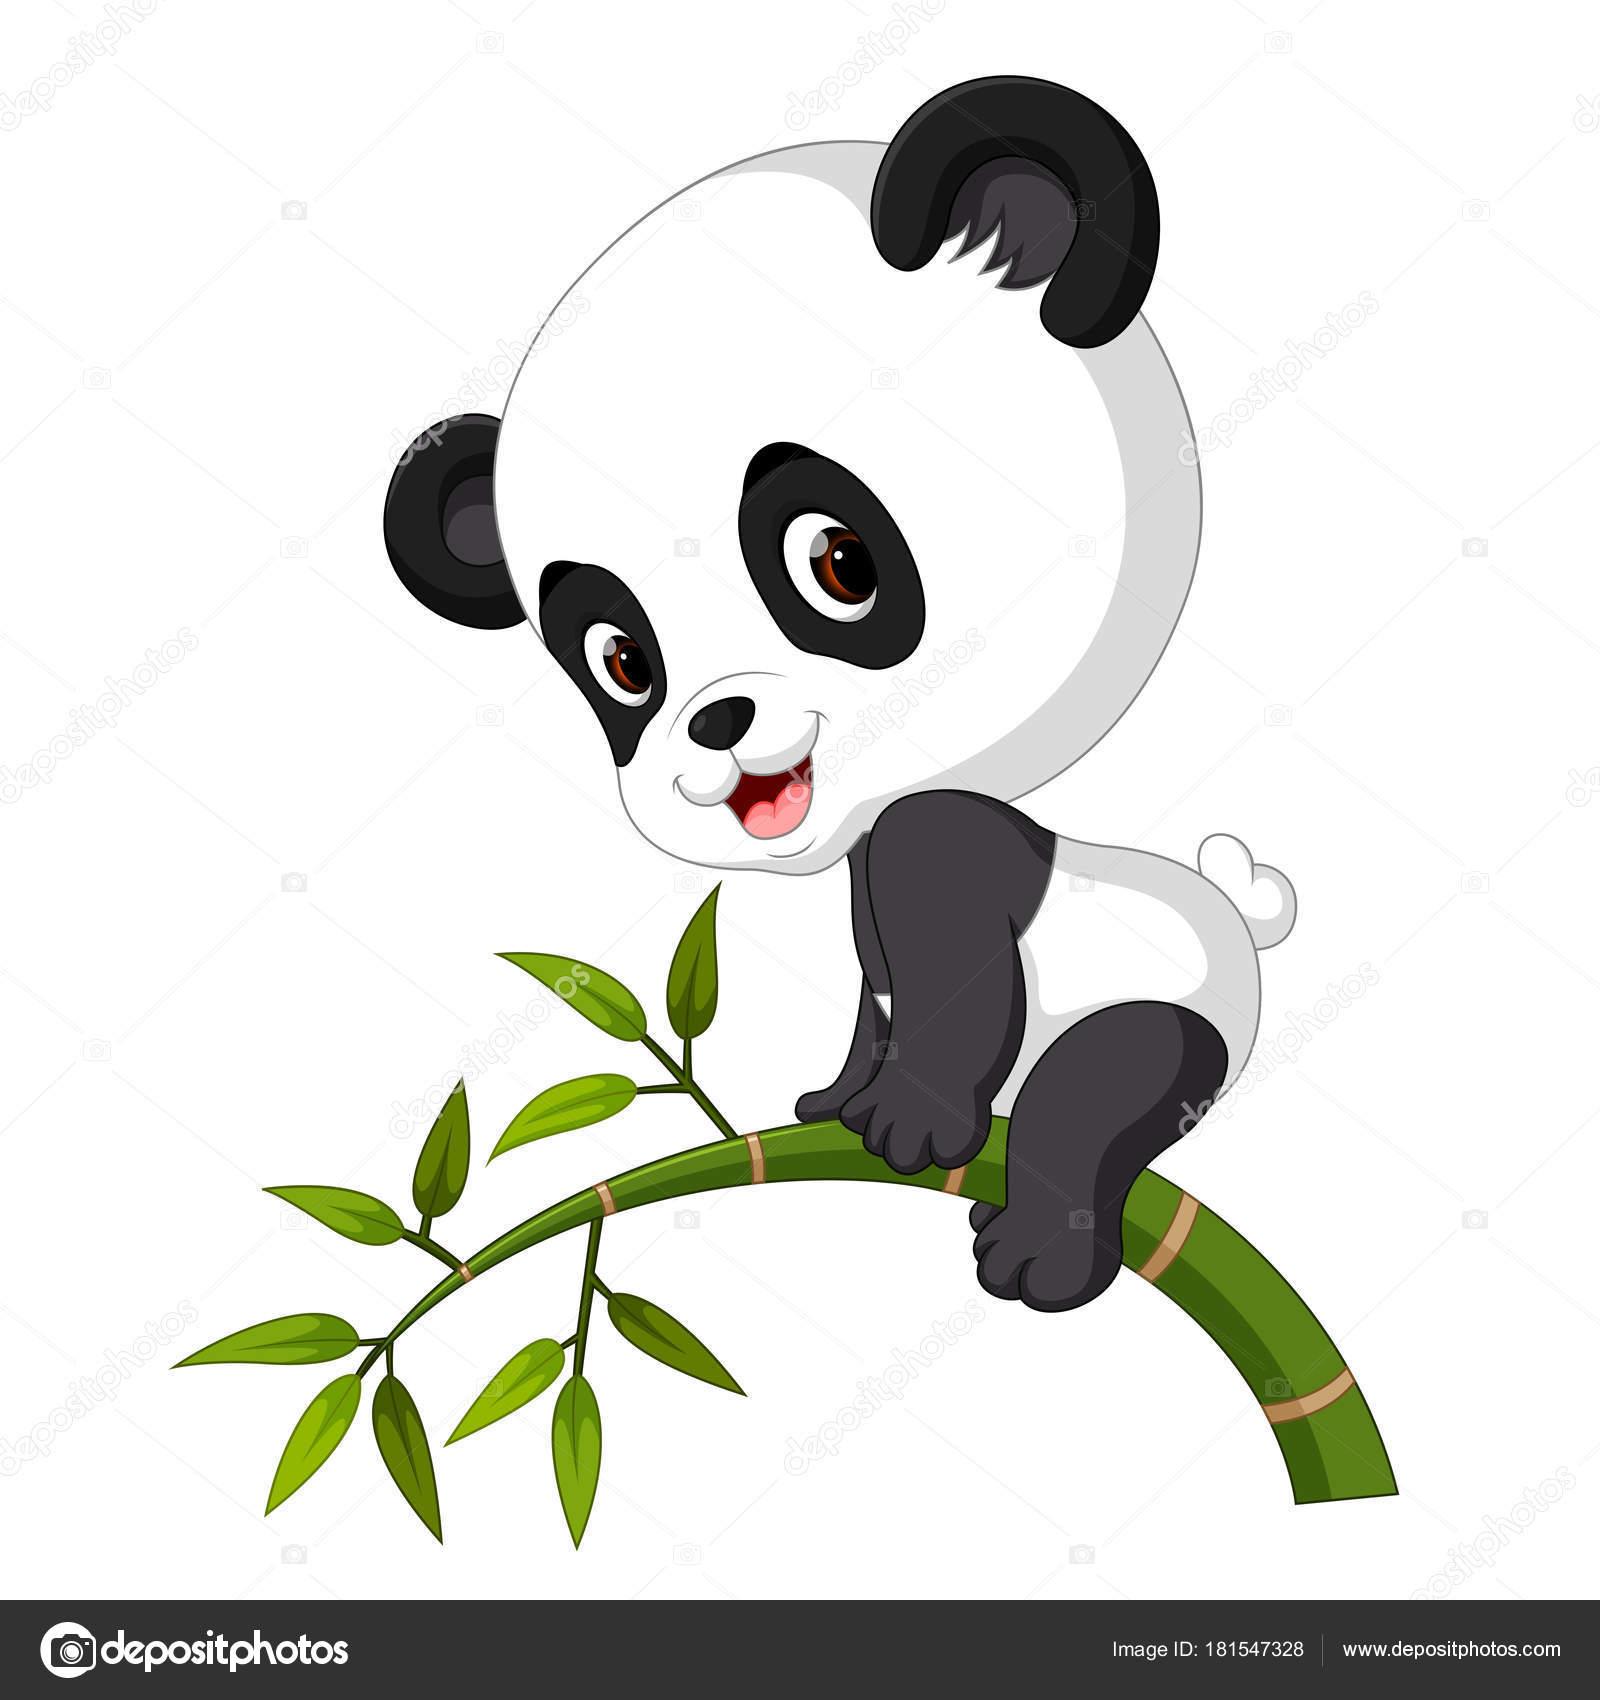 Cute Funny Baby Panda Hanging Bamboo Stock Vector C Hermandesign2015 Gmail Com 181547328